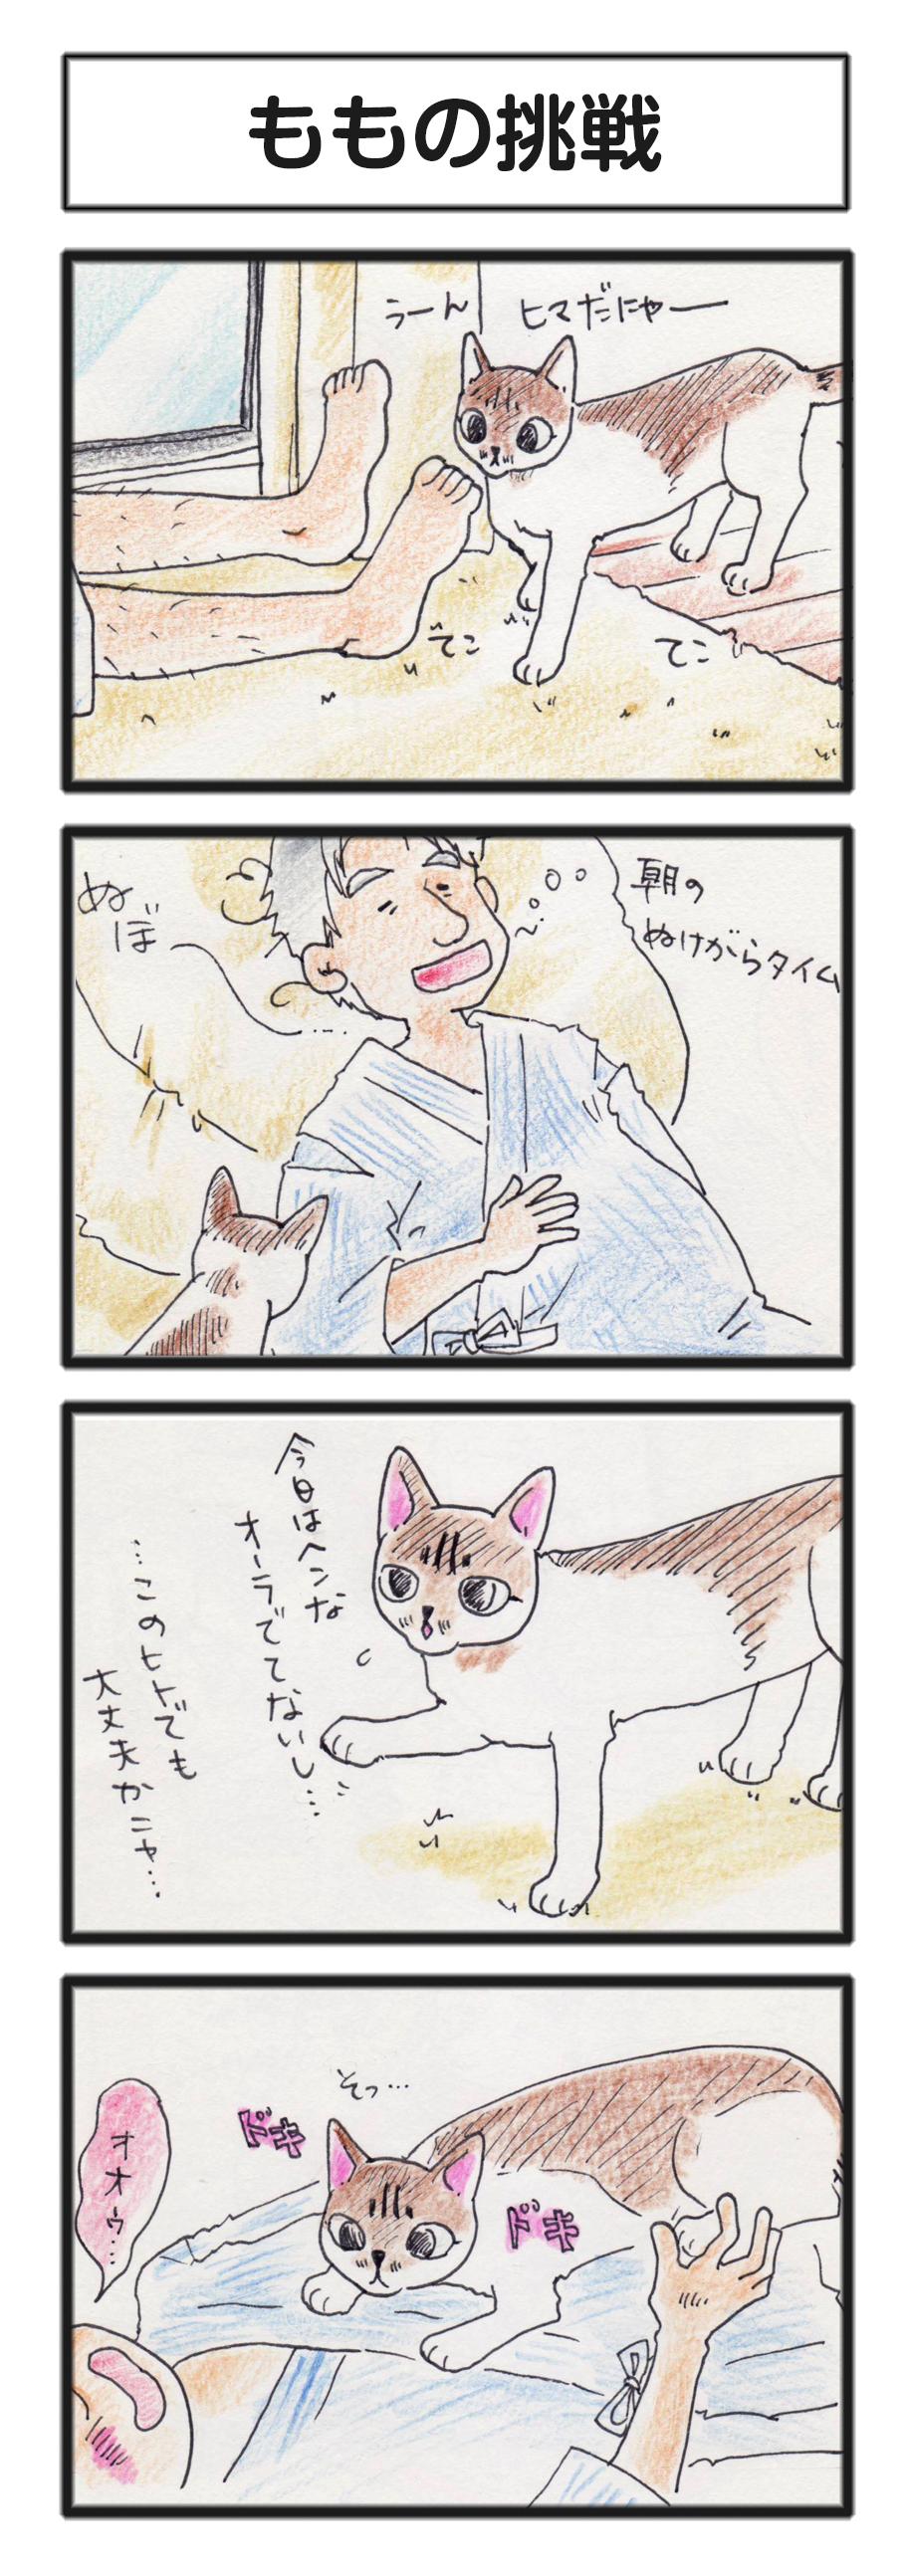 comic_4c_14070702.jpg